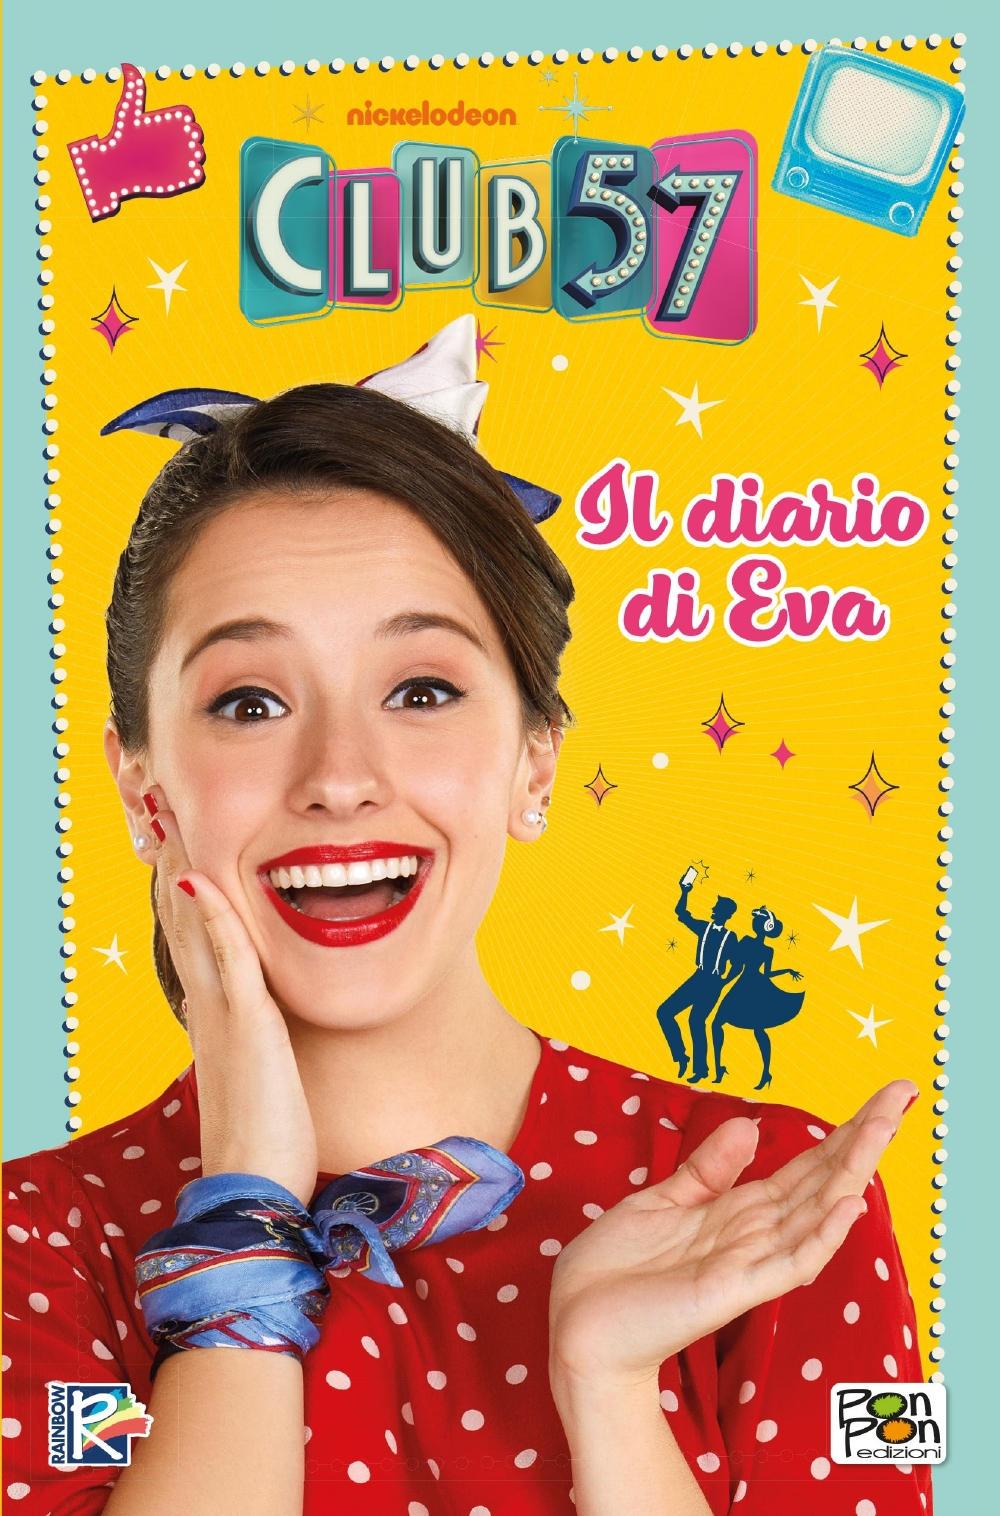 Il Diario di Eva - Club57